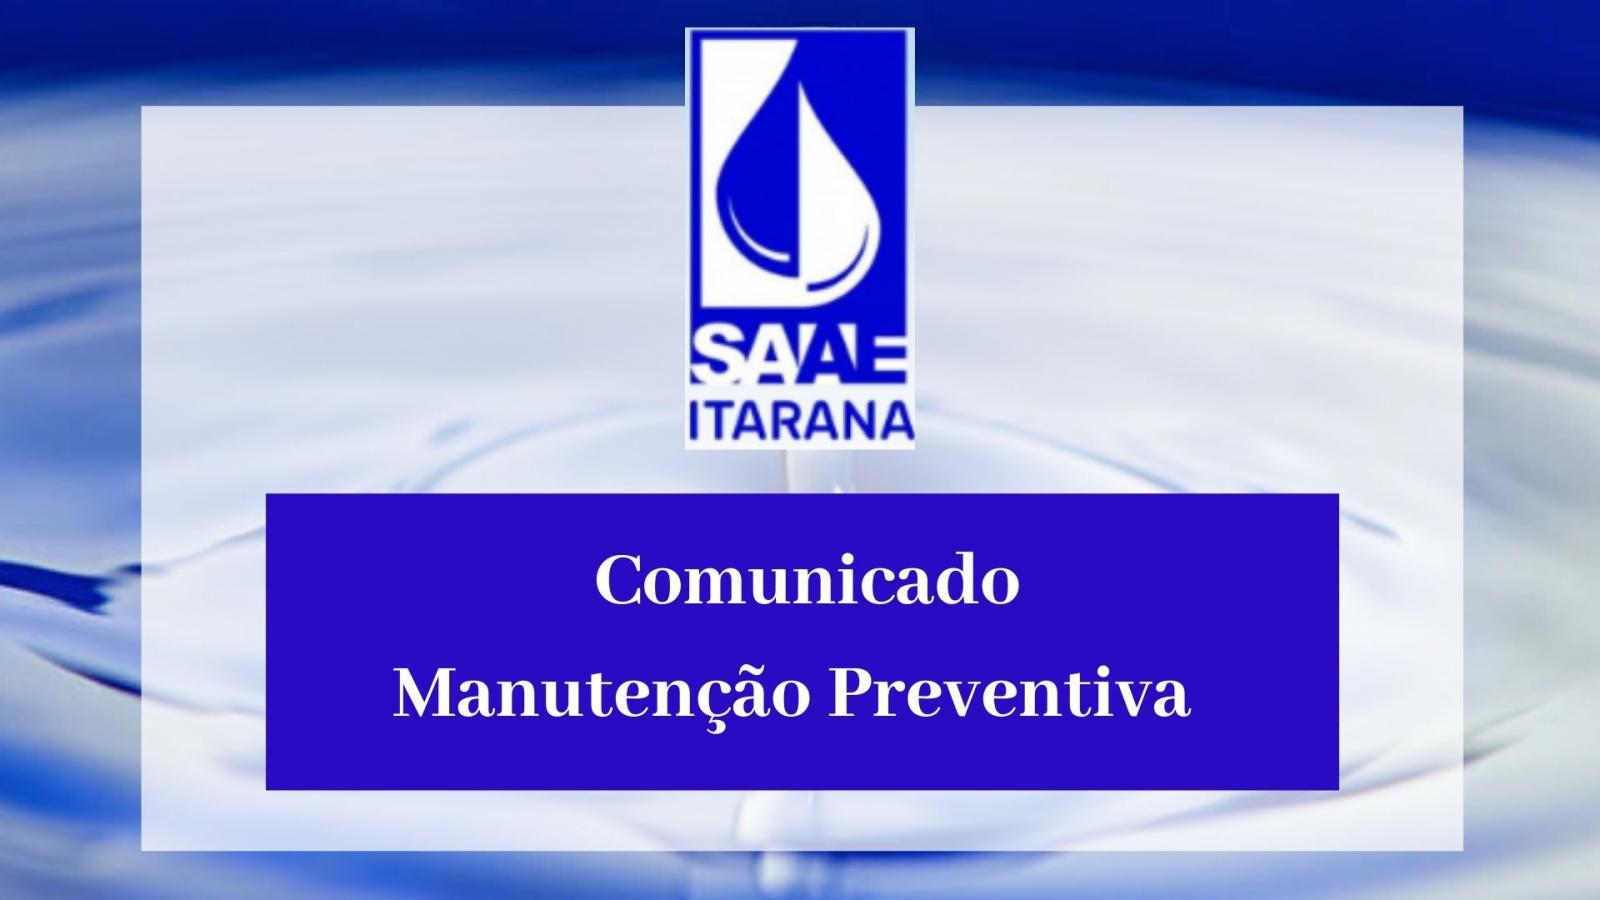 O SAAE realizará manutenção preventiva na Estação de Tratamento de Água (ETA) da Sede de Itarana, nos dias 28 e 29 de janeiro/2020.